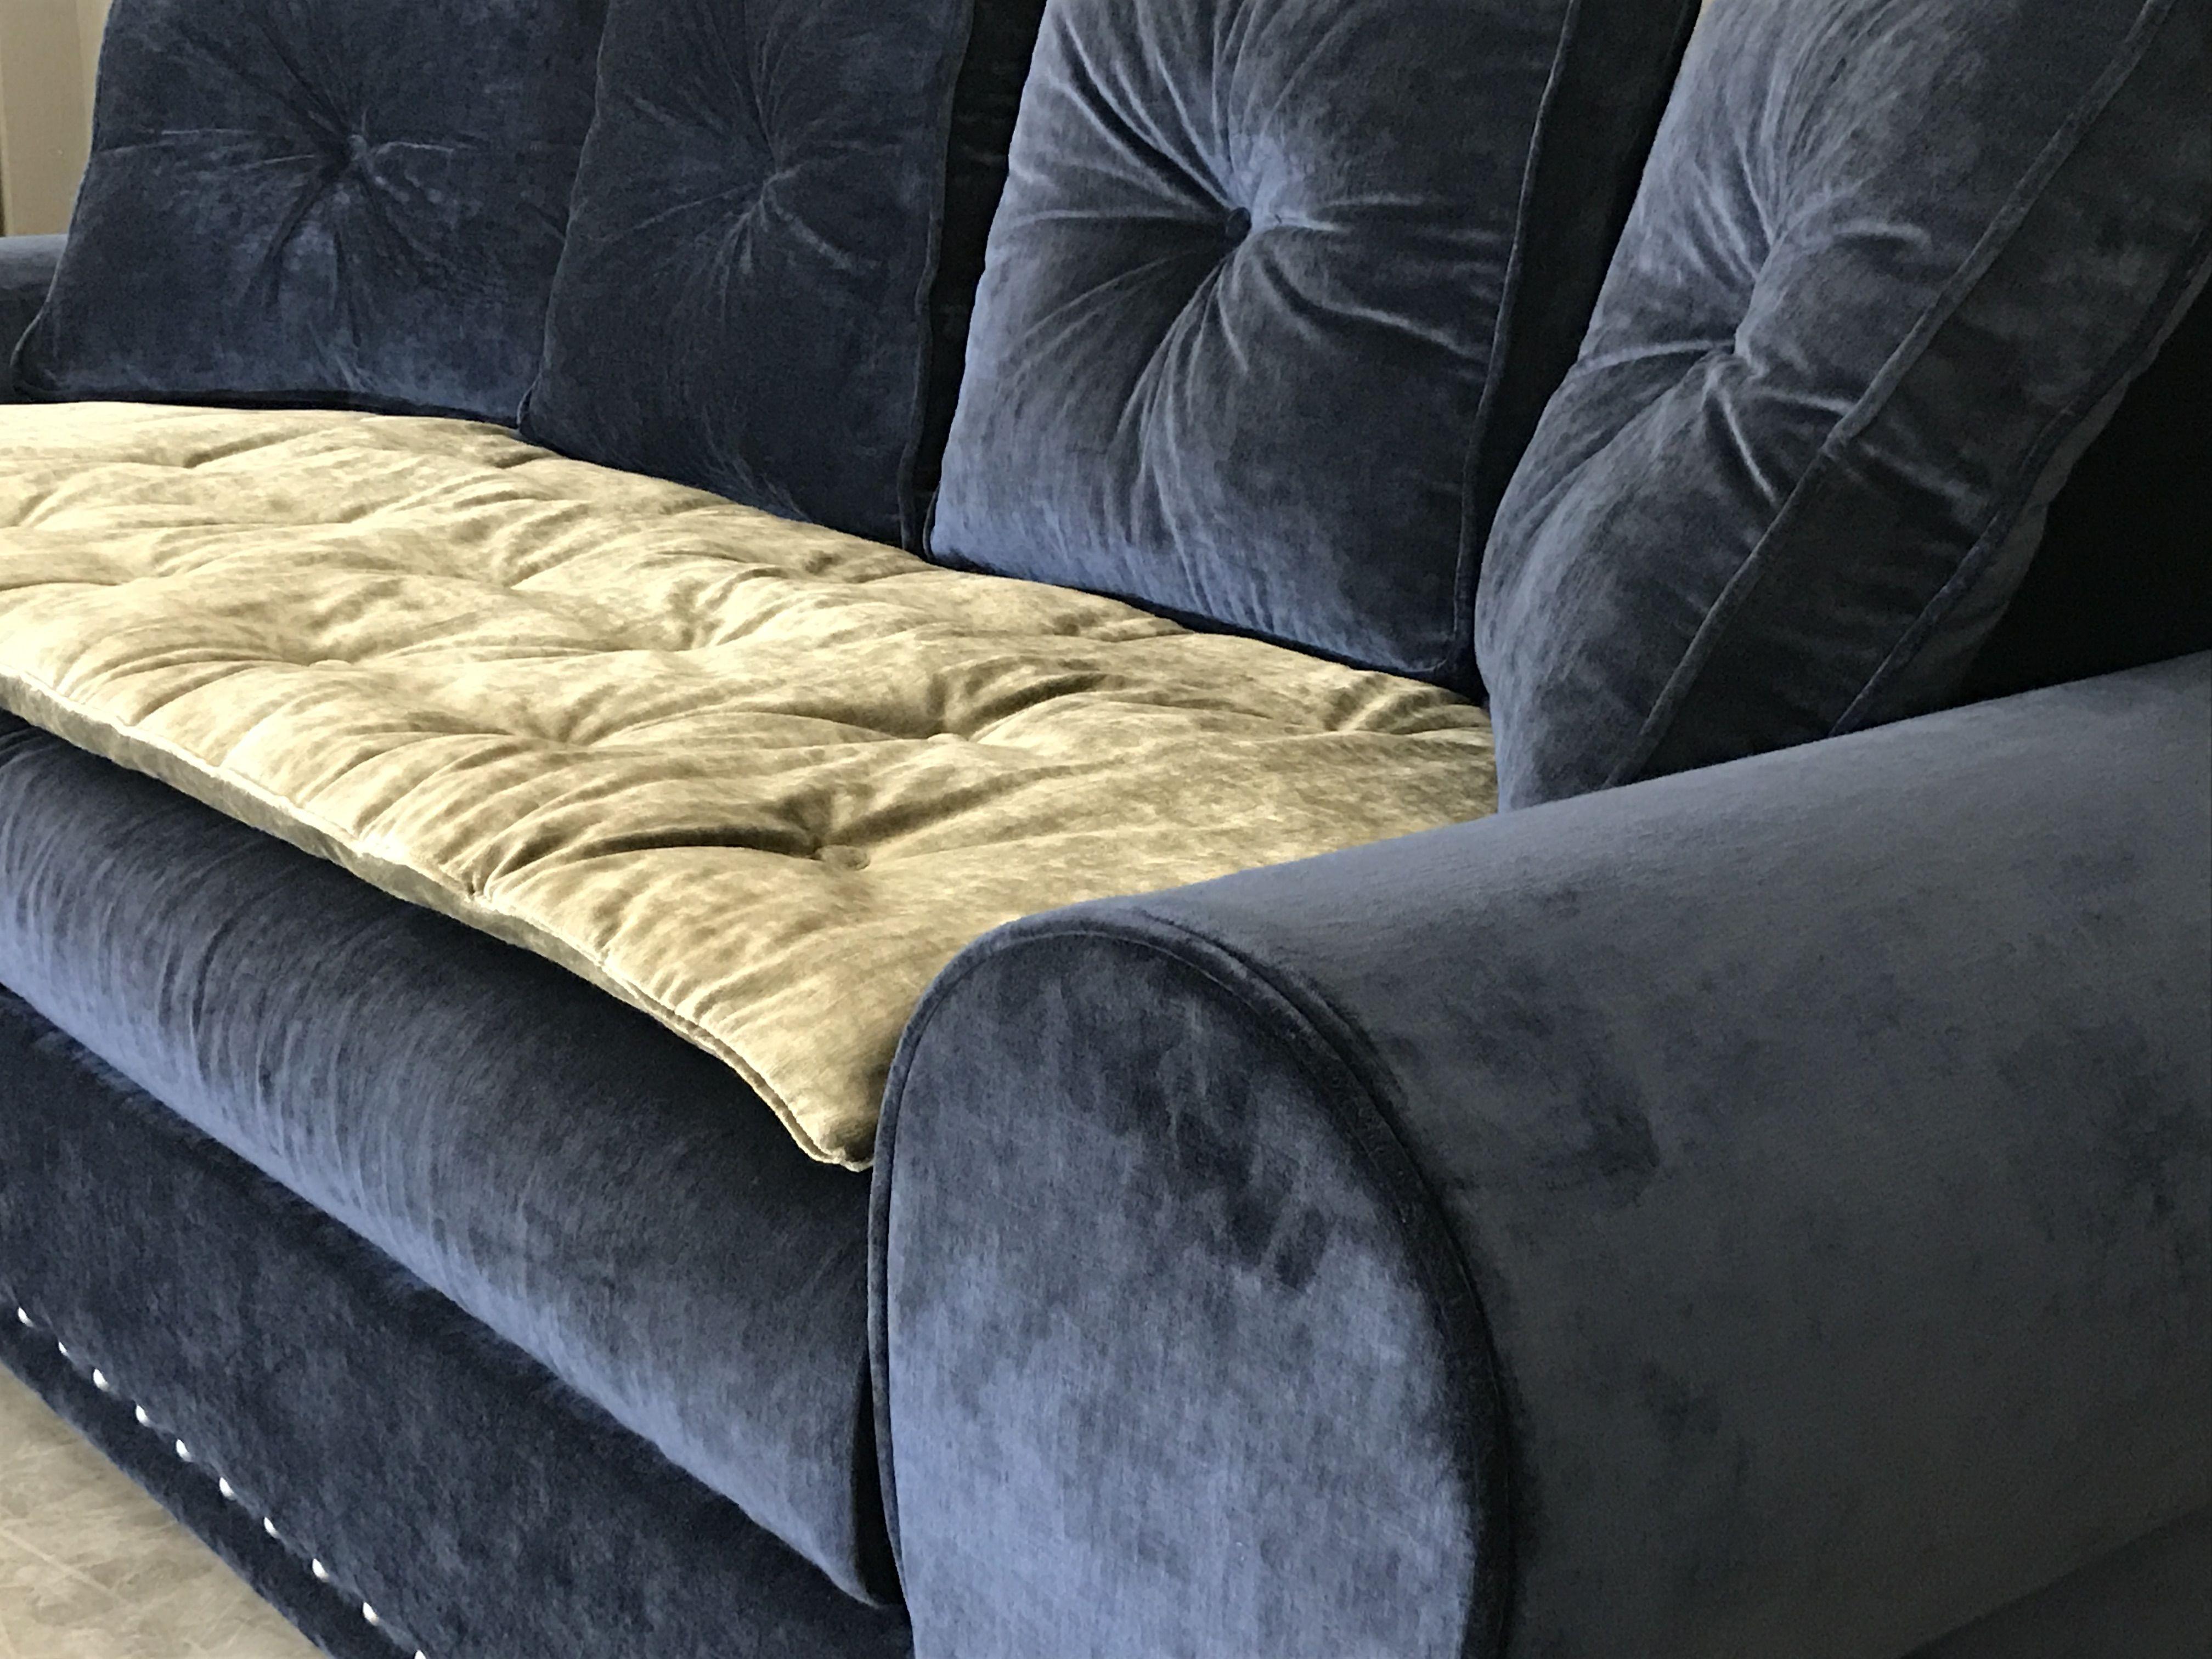 Sofa cover en velours lavé brun pour recouvrir le canape Rodolphe